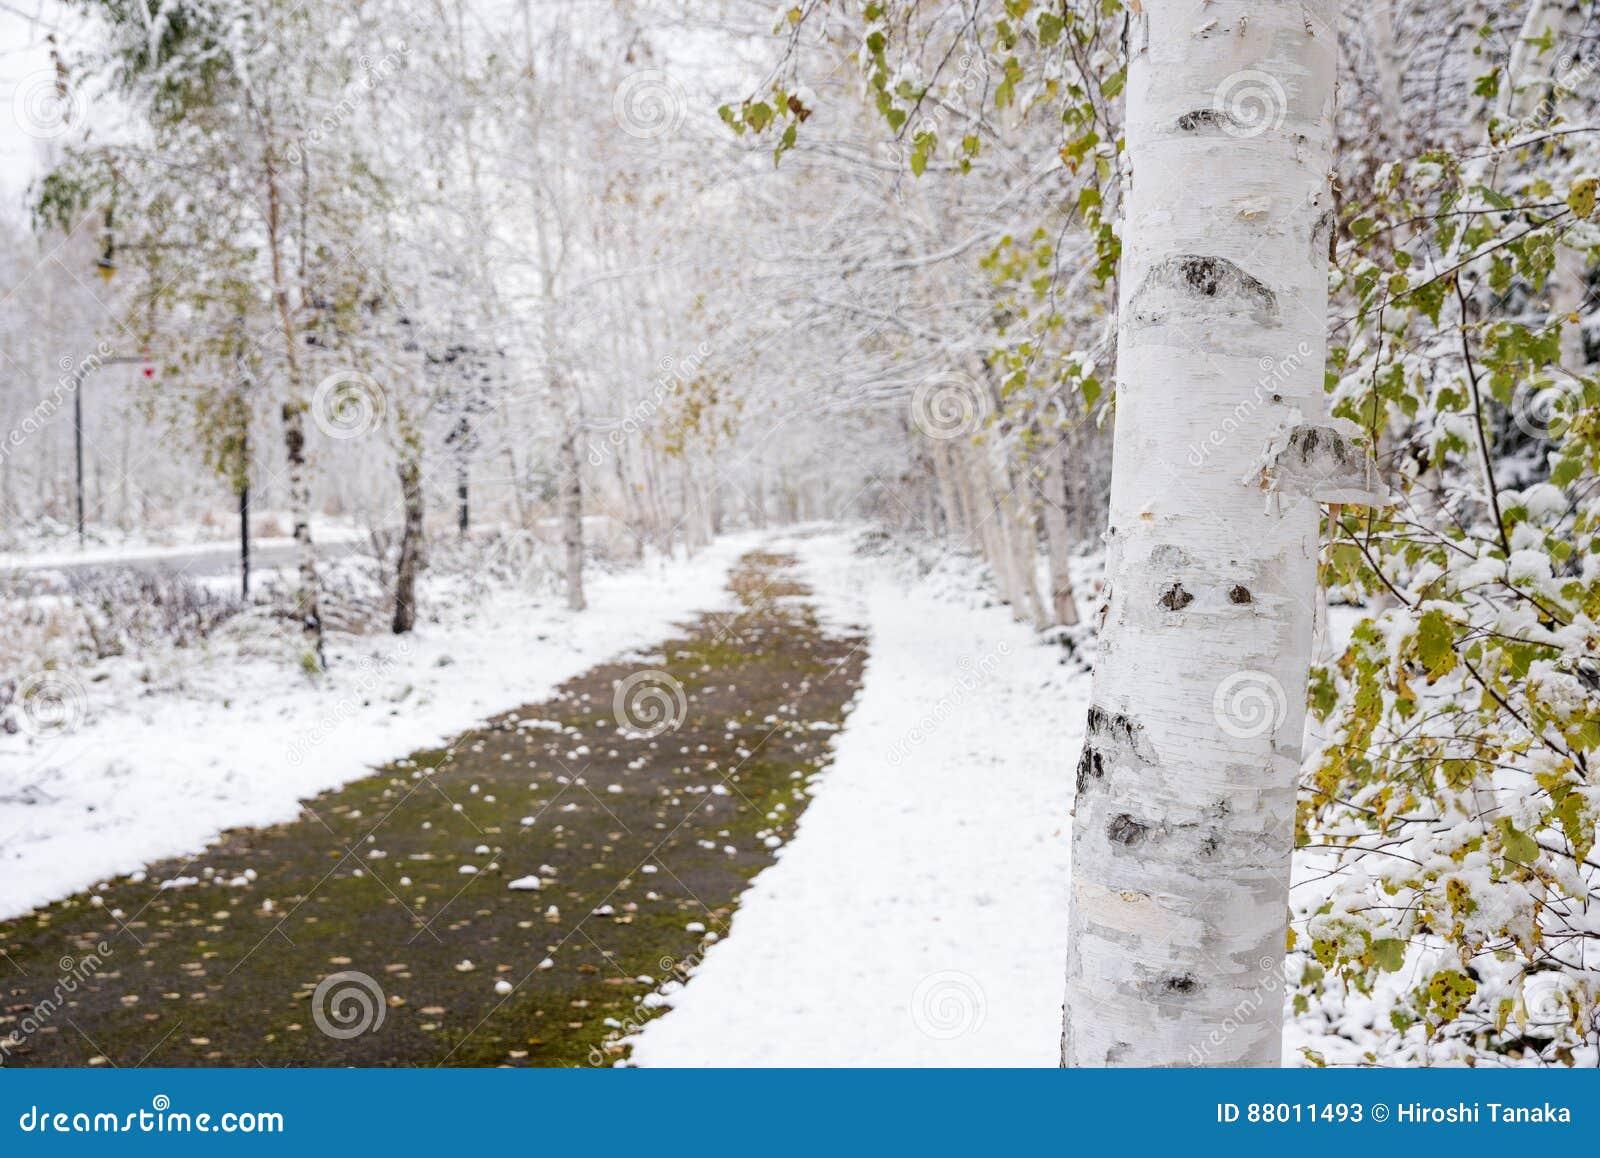 tronc d 39 arbre de bouleau blanc image stock image du. Black Bedroom Furniture Sets. Home Design Ideas